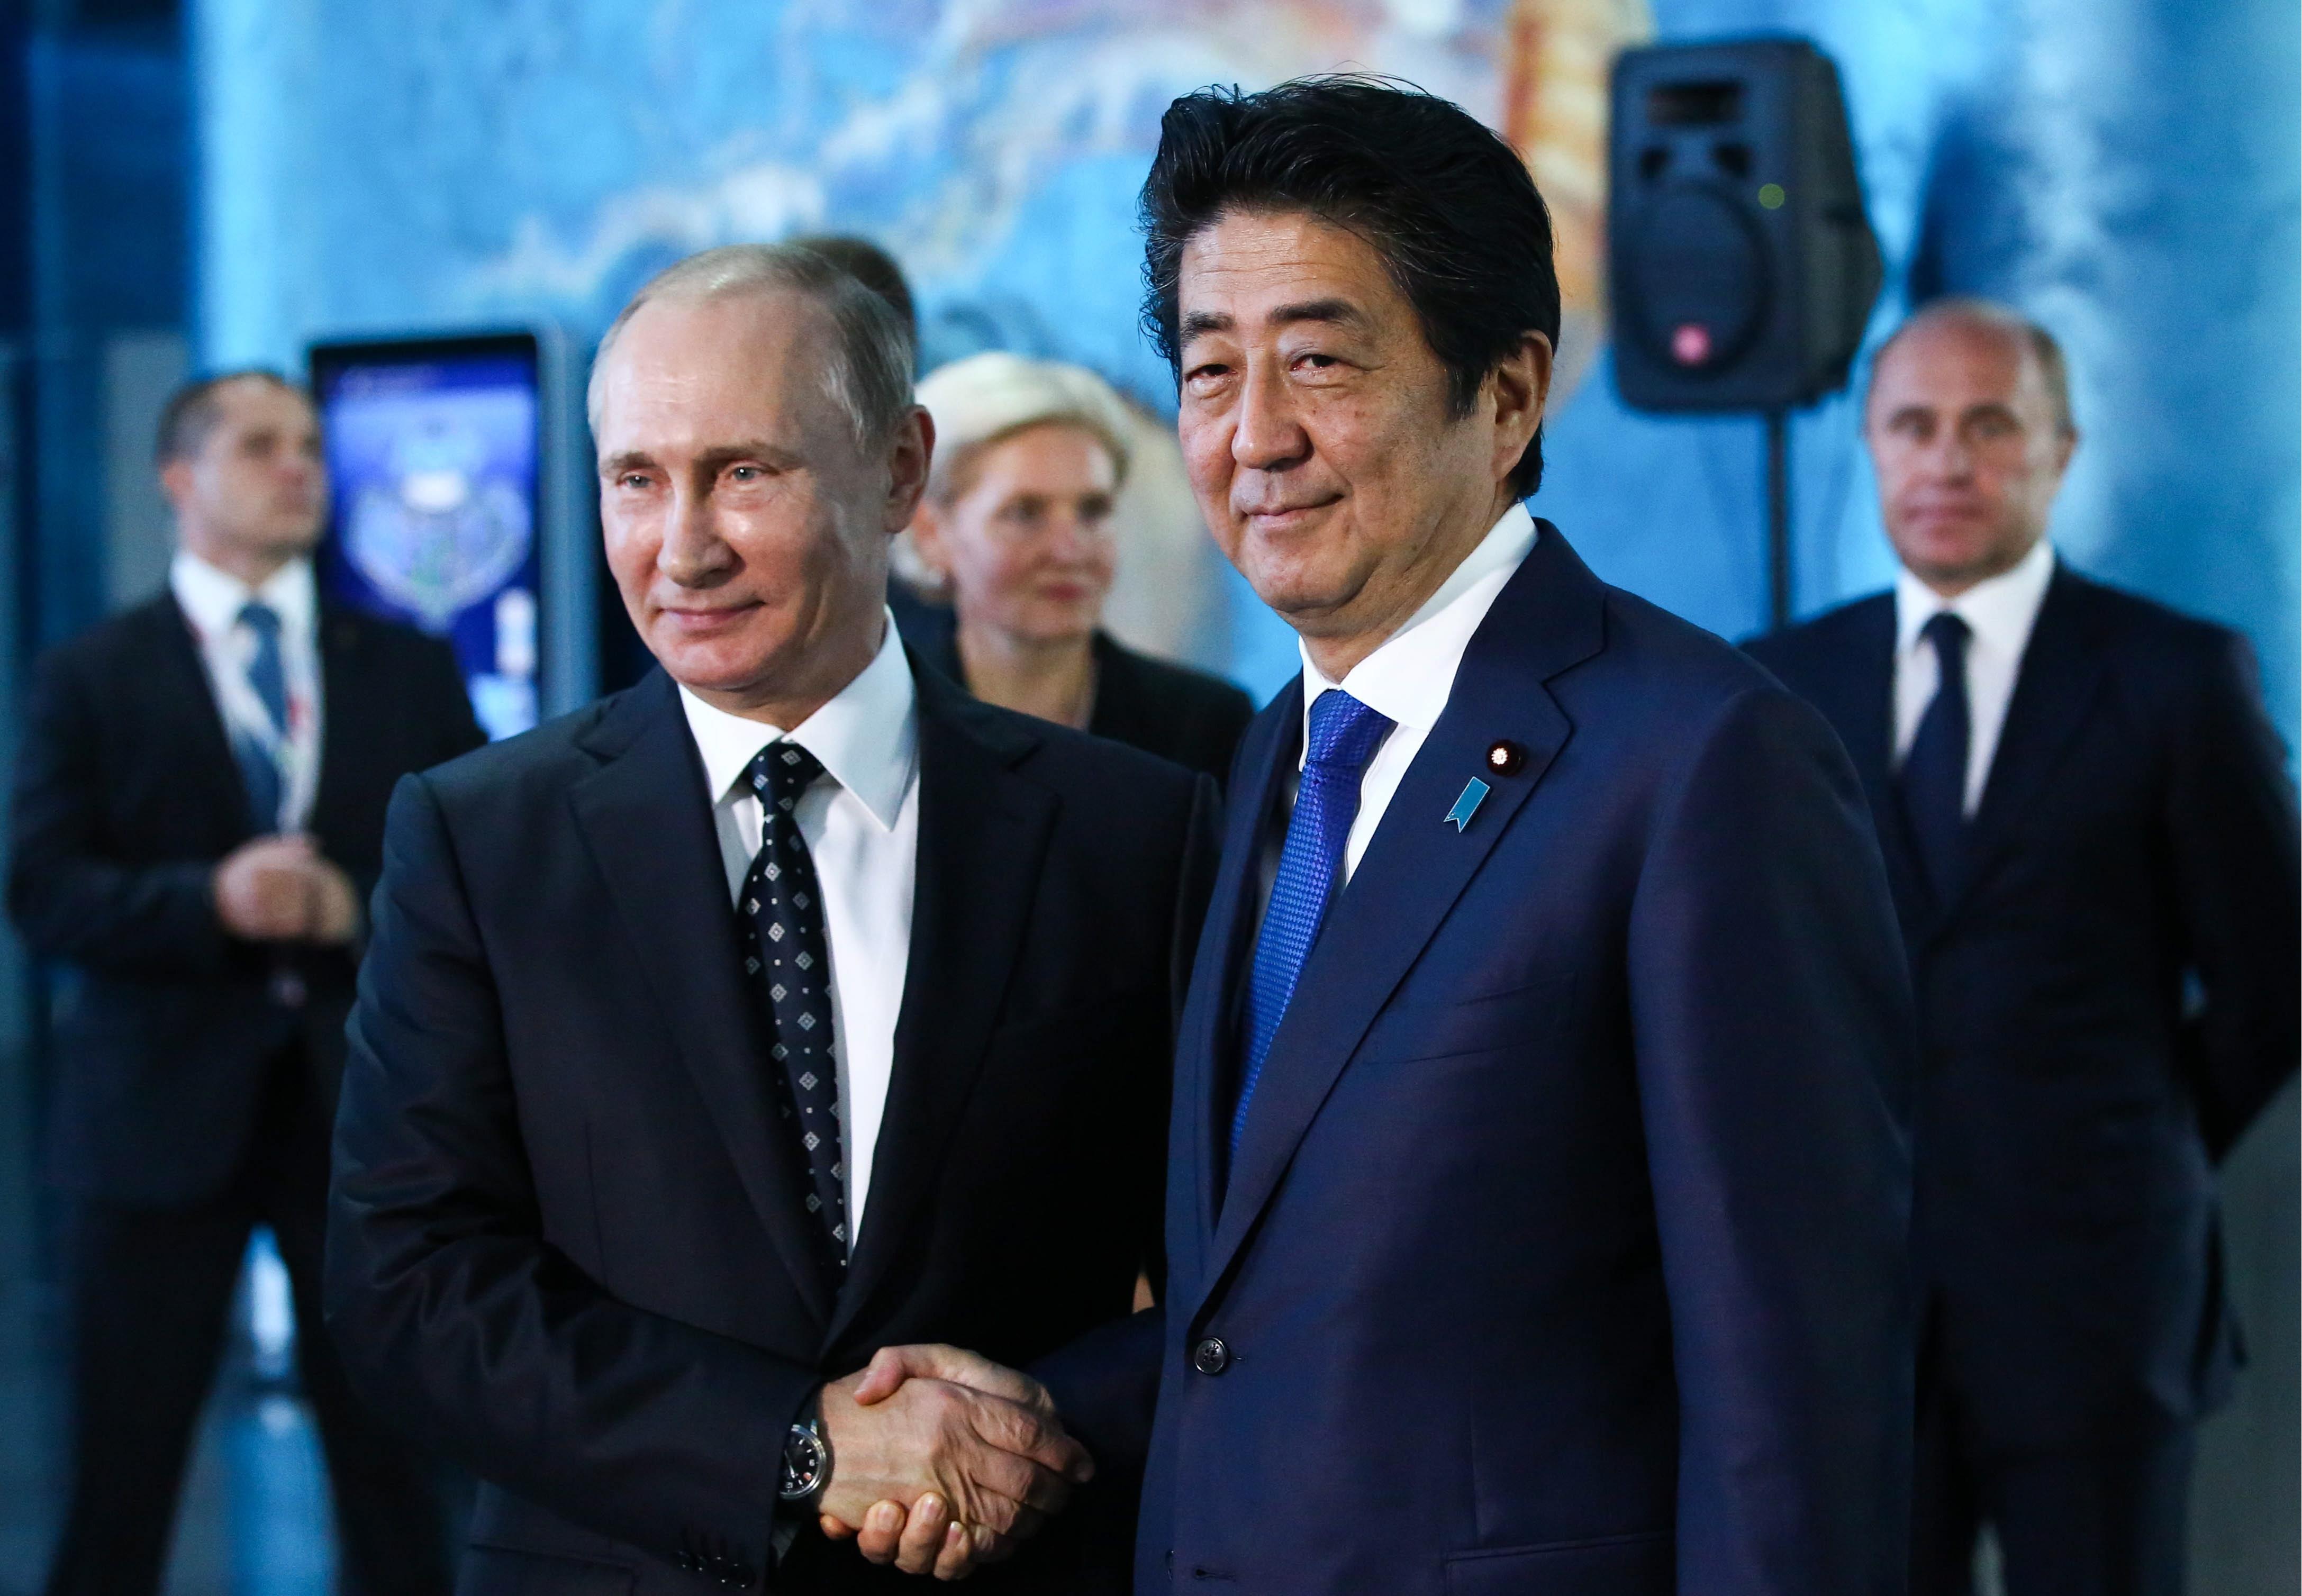 Јапански премијер Шинзо Абе обратио се руском лидеру Владимиру Путину са историјским говором.